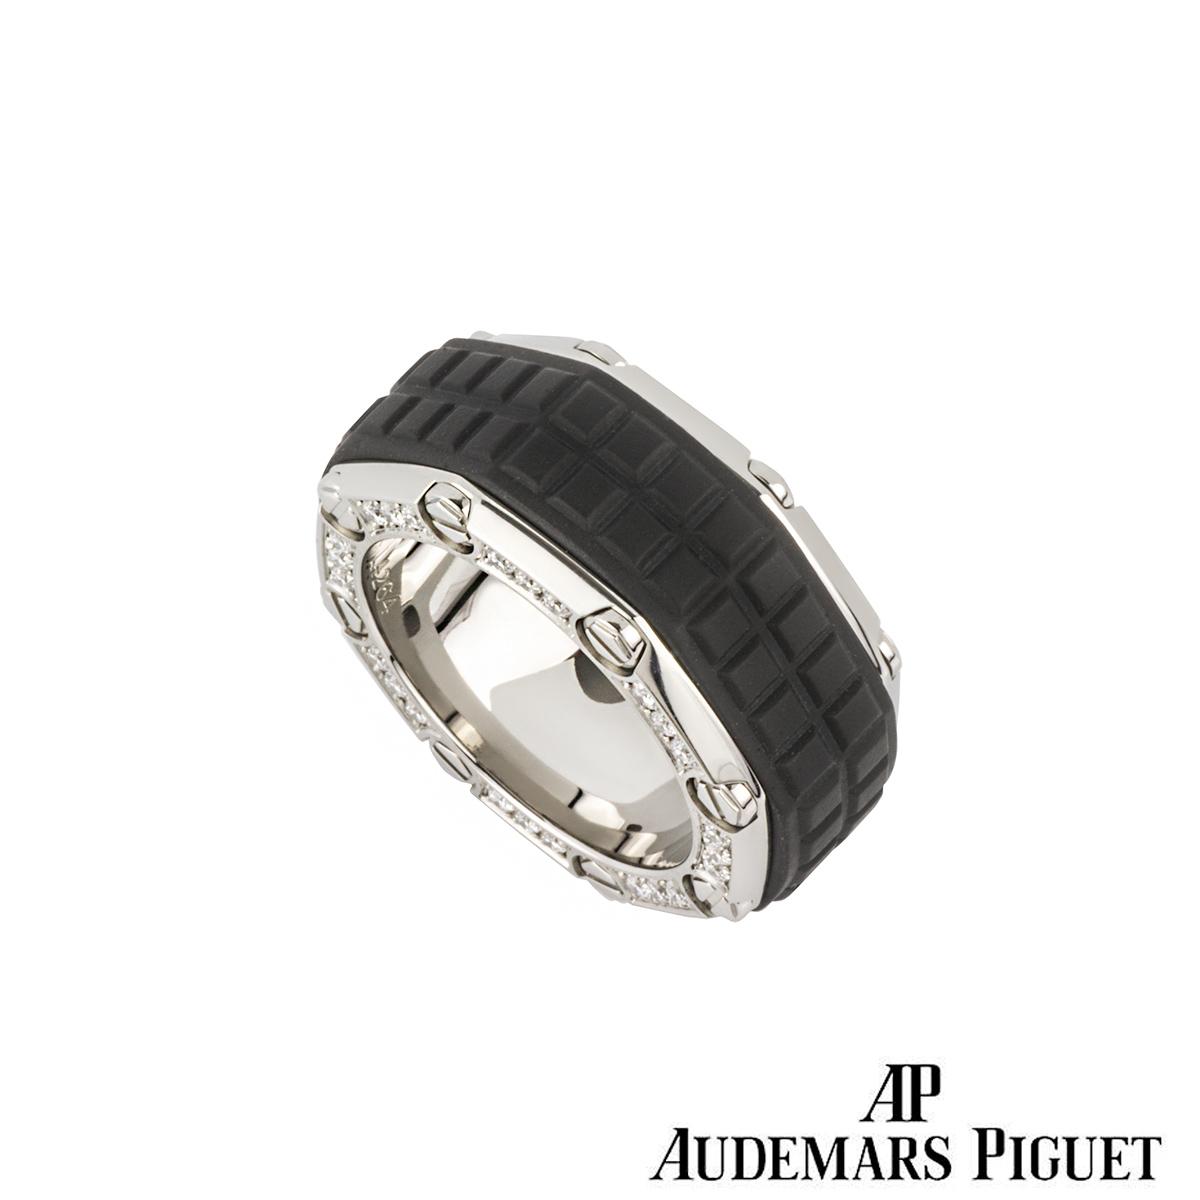 Audemars Piguet Titanium Diamond Set Royal Oak Offshore Ring